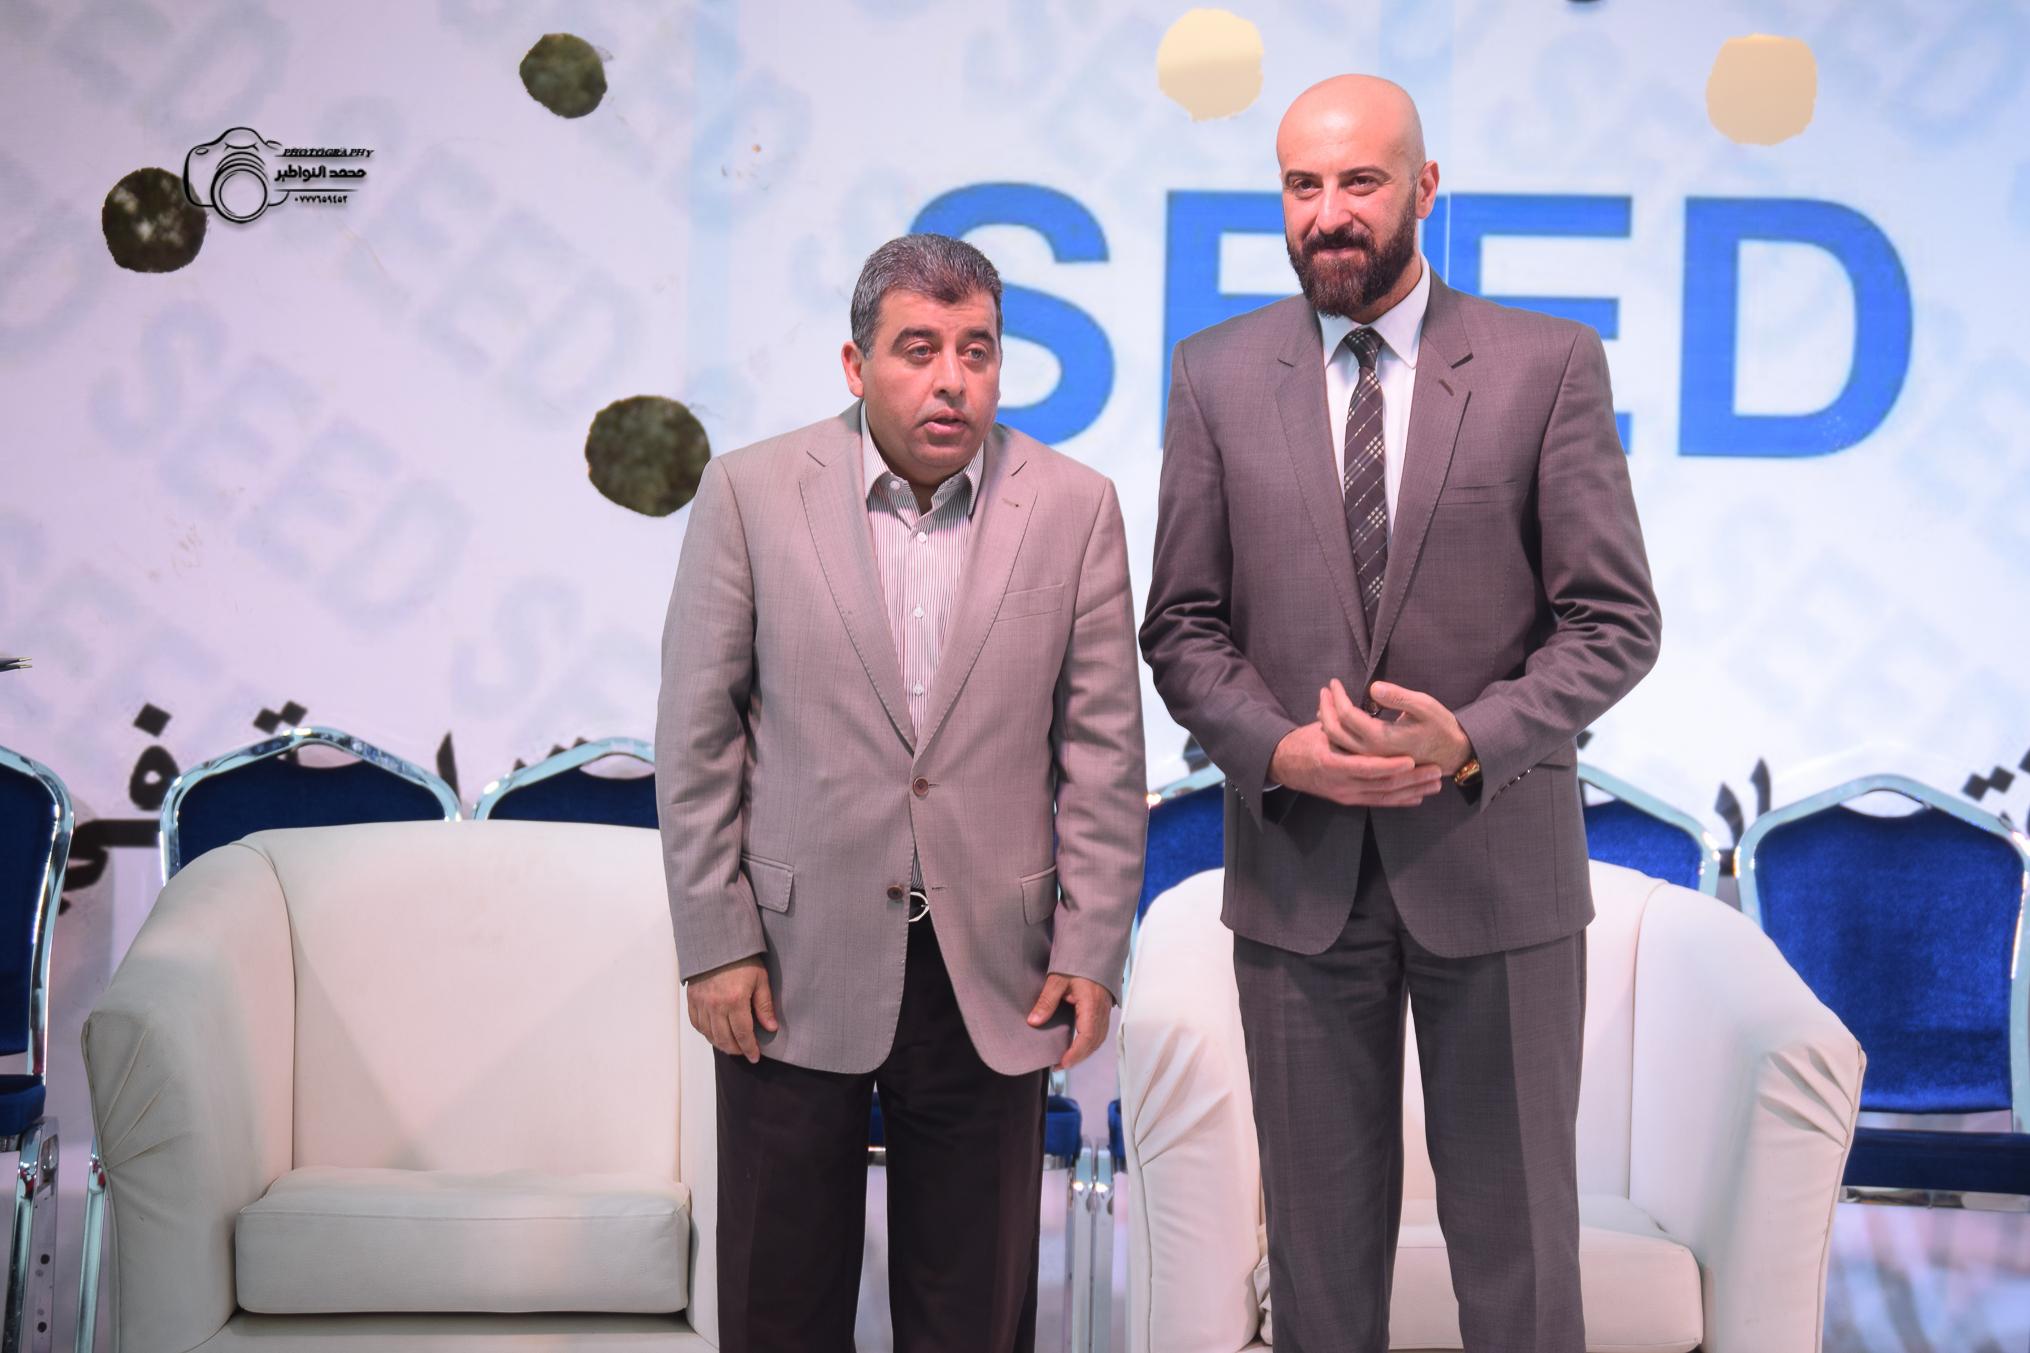 اللقاء الثاني للجان المساندة لمشروع التنمية الإقتصادية والطاقة المستدامة SEED